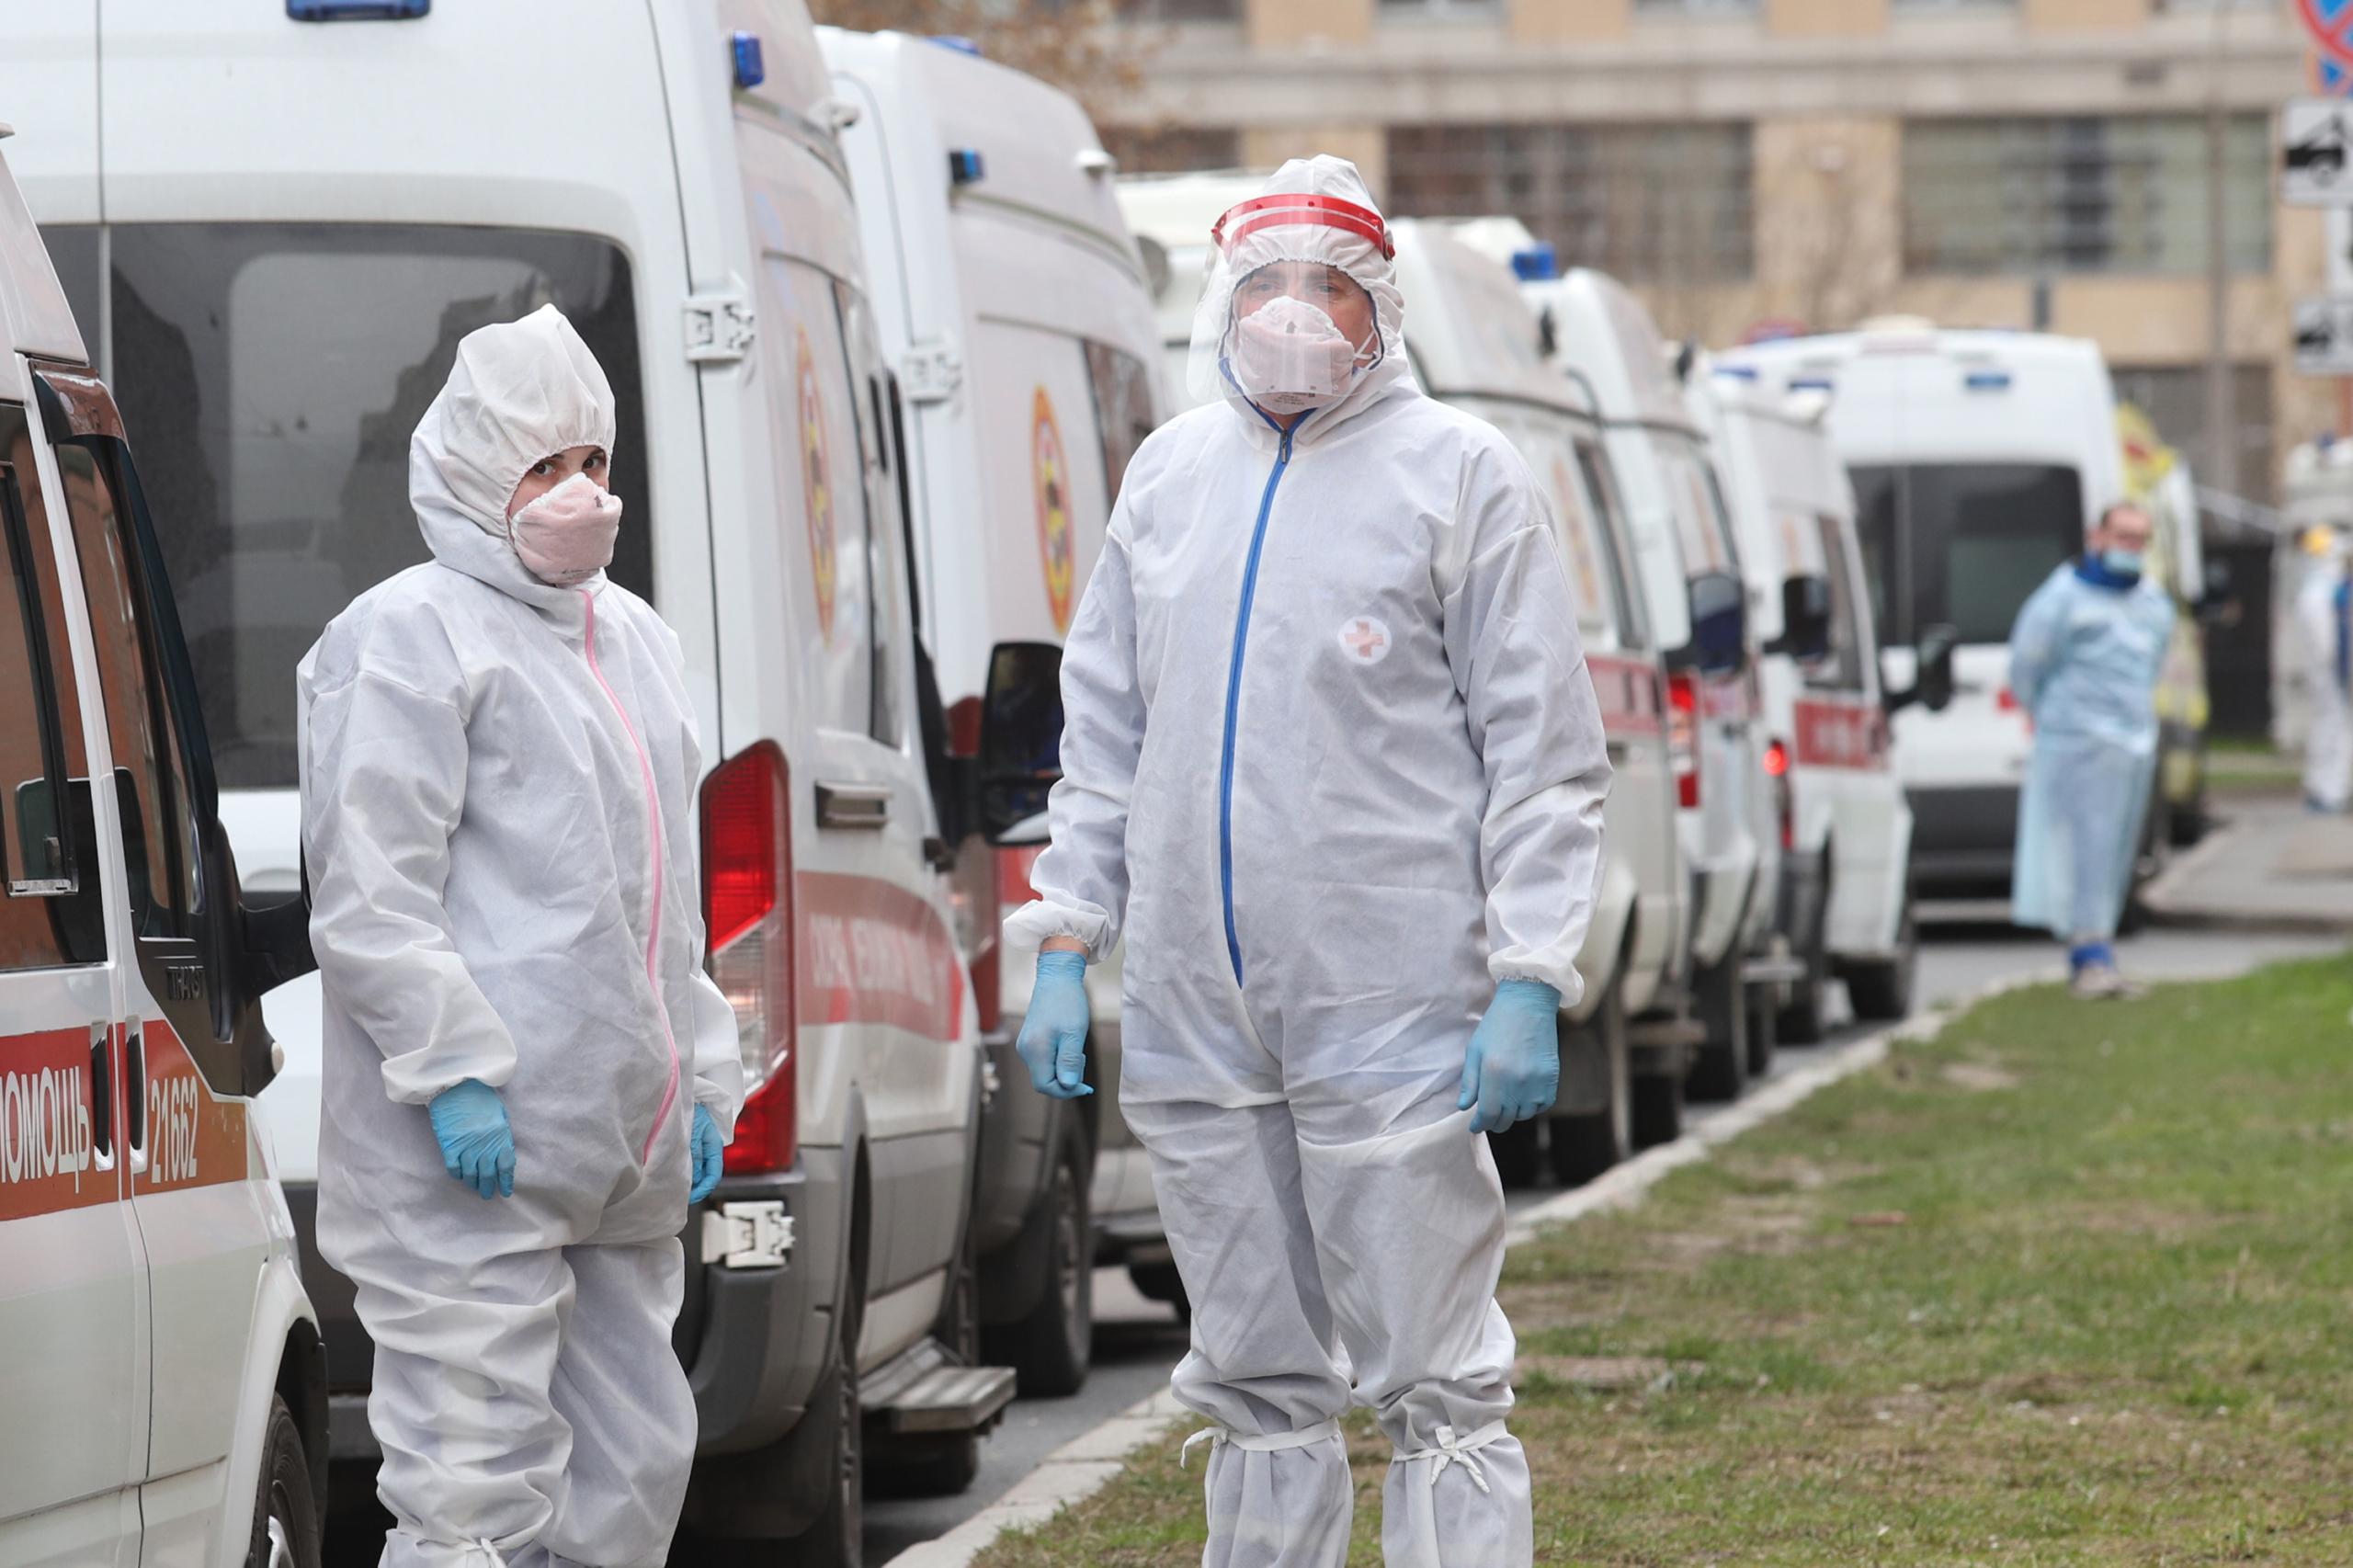 Мурашко: Пандемия снизила ожидаемую продолжительность жизни